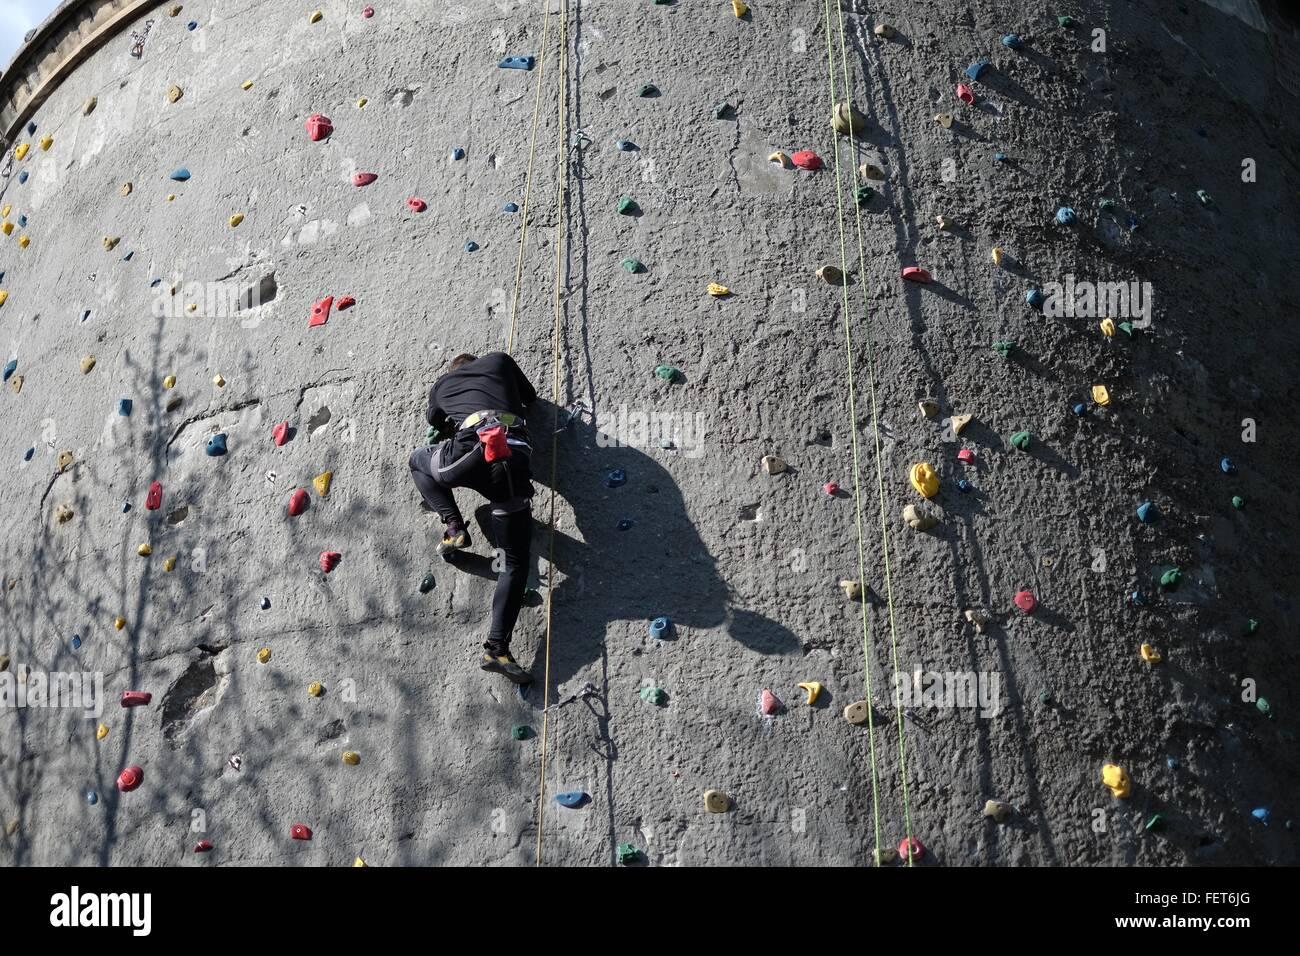 Ángulo de visión baja del hombre en la pared de escalada Imagen De Stock